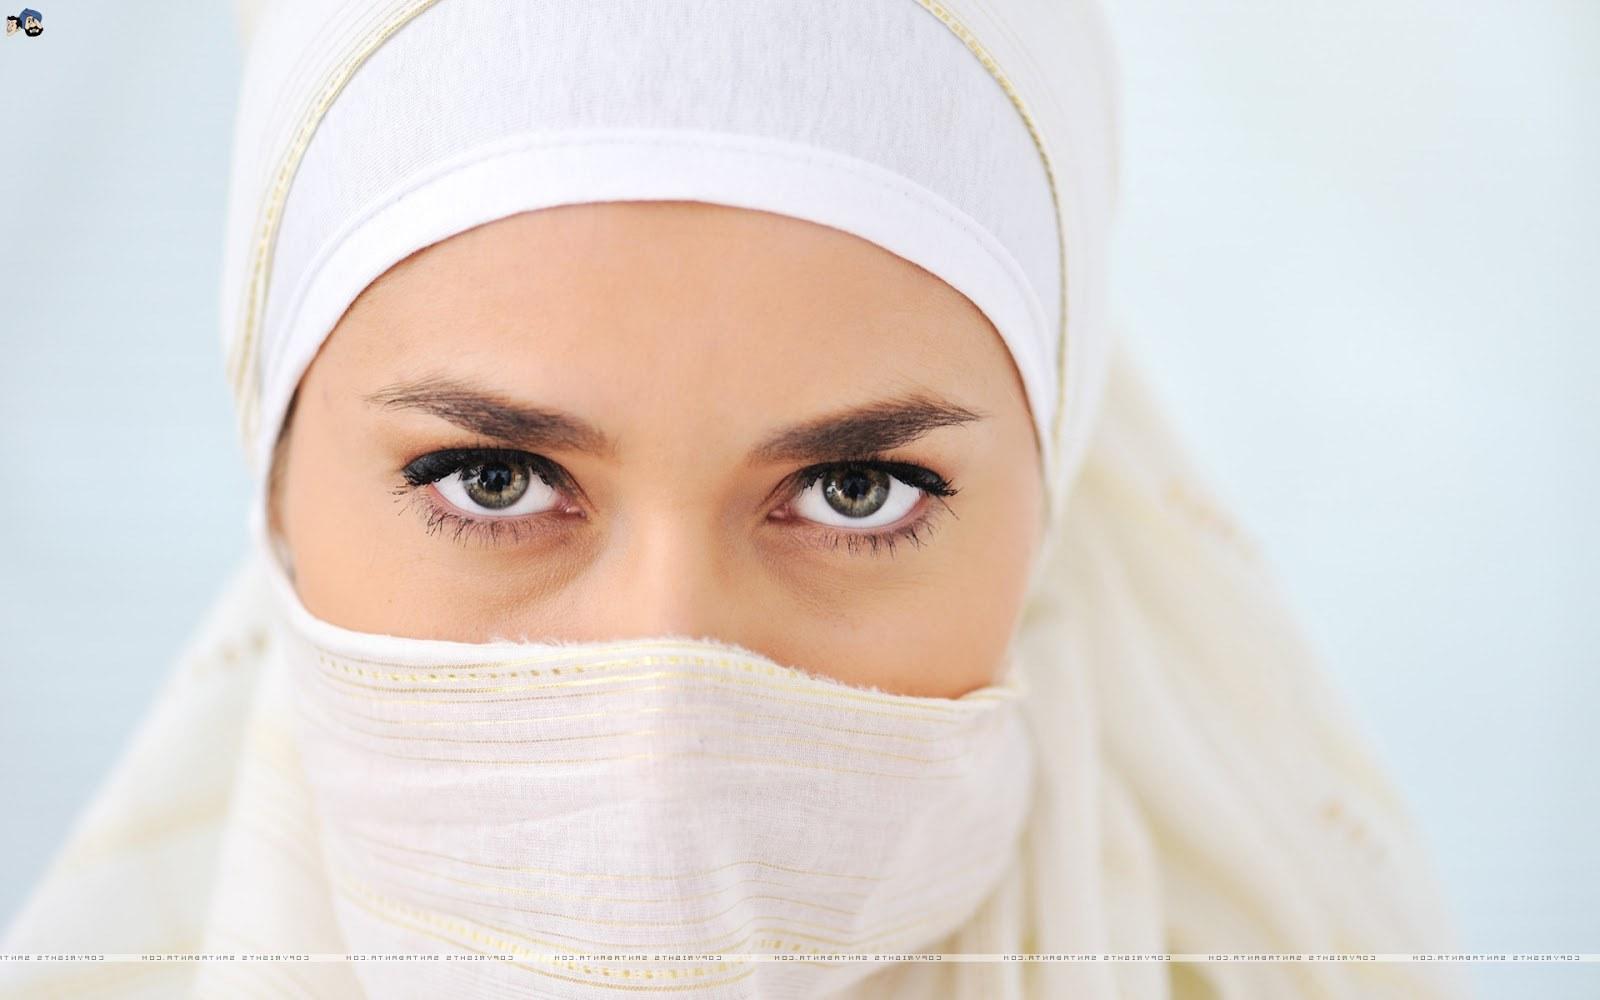 Ide Muslimah Bercadar Y7du Koleksi Wallpaper Wanita Muslimah Bercadar Fauzi Blog